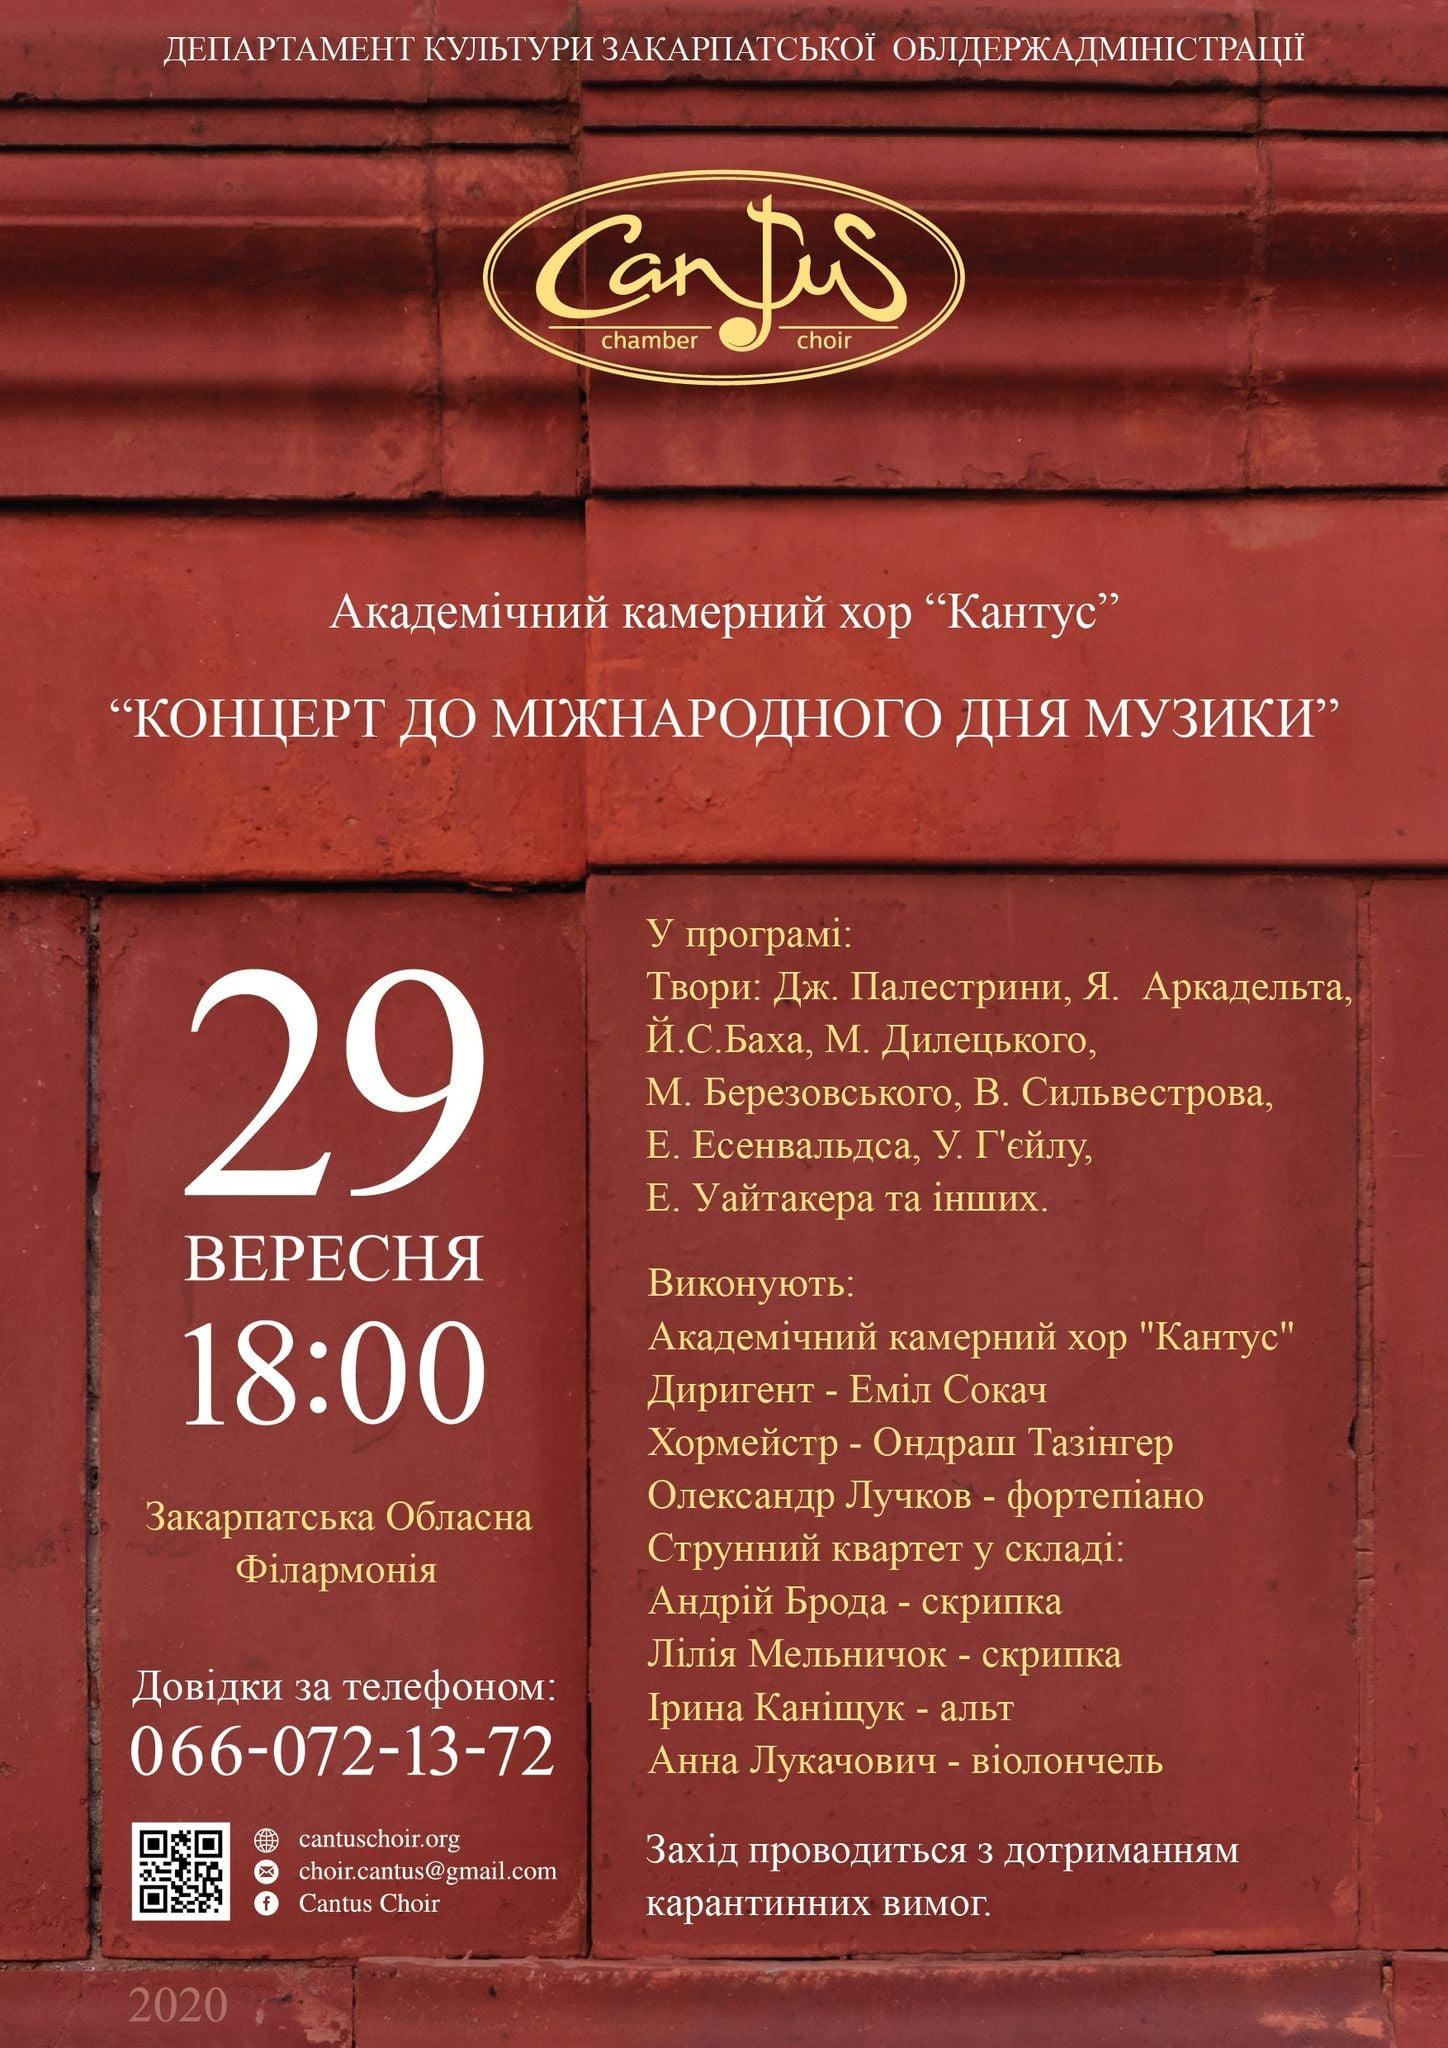 Закарпатський Cantus влаштовує концерт до Міжнародного дня музики